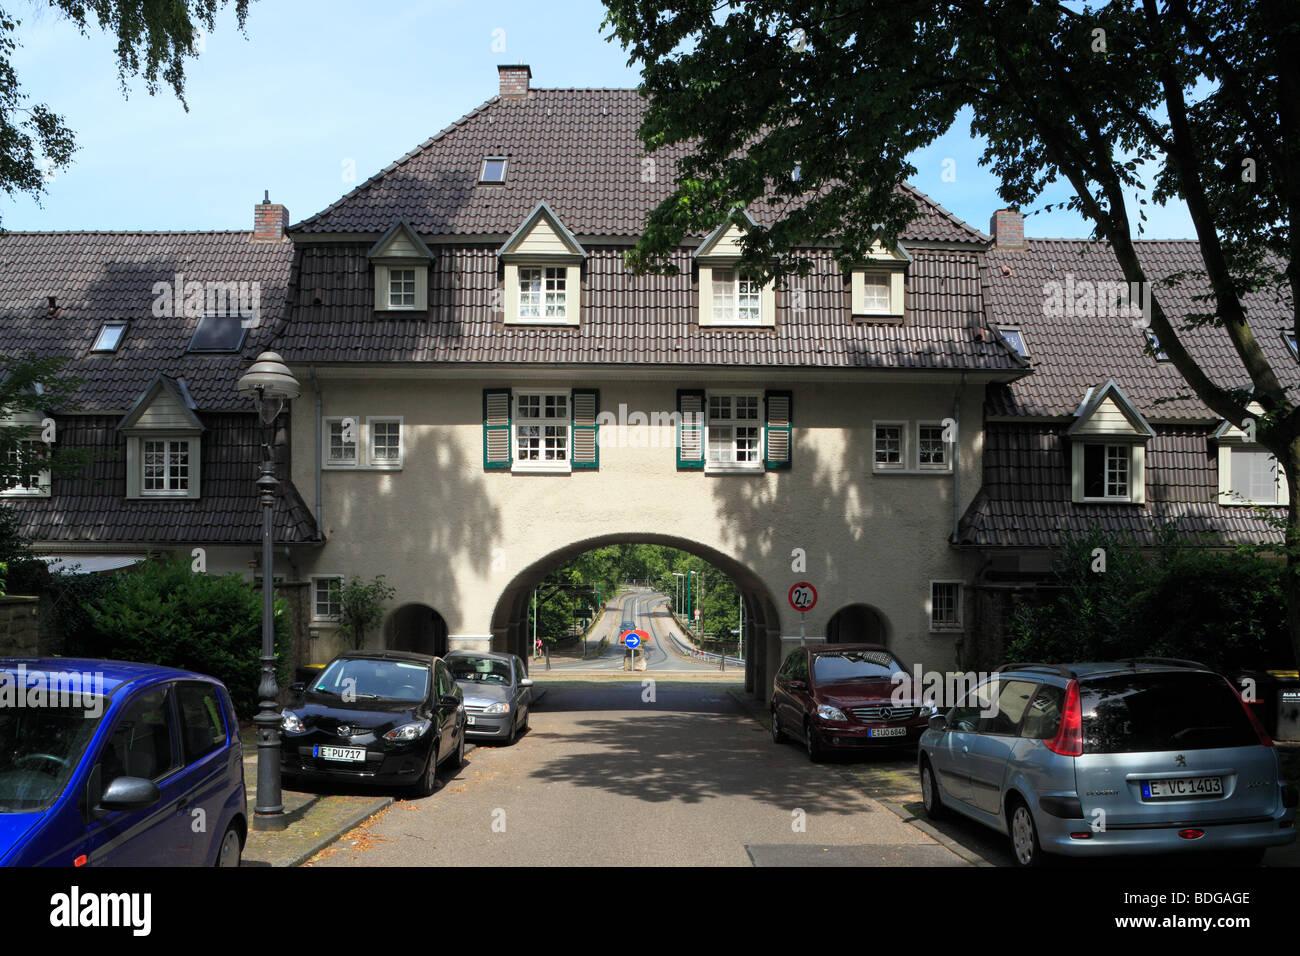 Route der Industriekultur, Friedrich Alfred Krupp, Margarethe Krupp, Arbeitersiedlung, Kruppsiedlung Margarethenhoehe Stock Photo